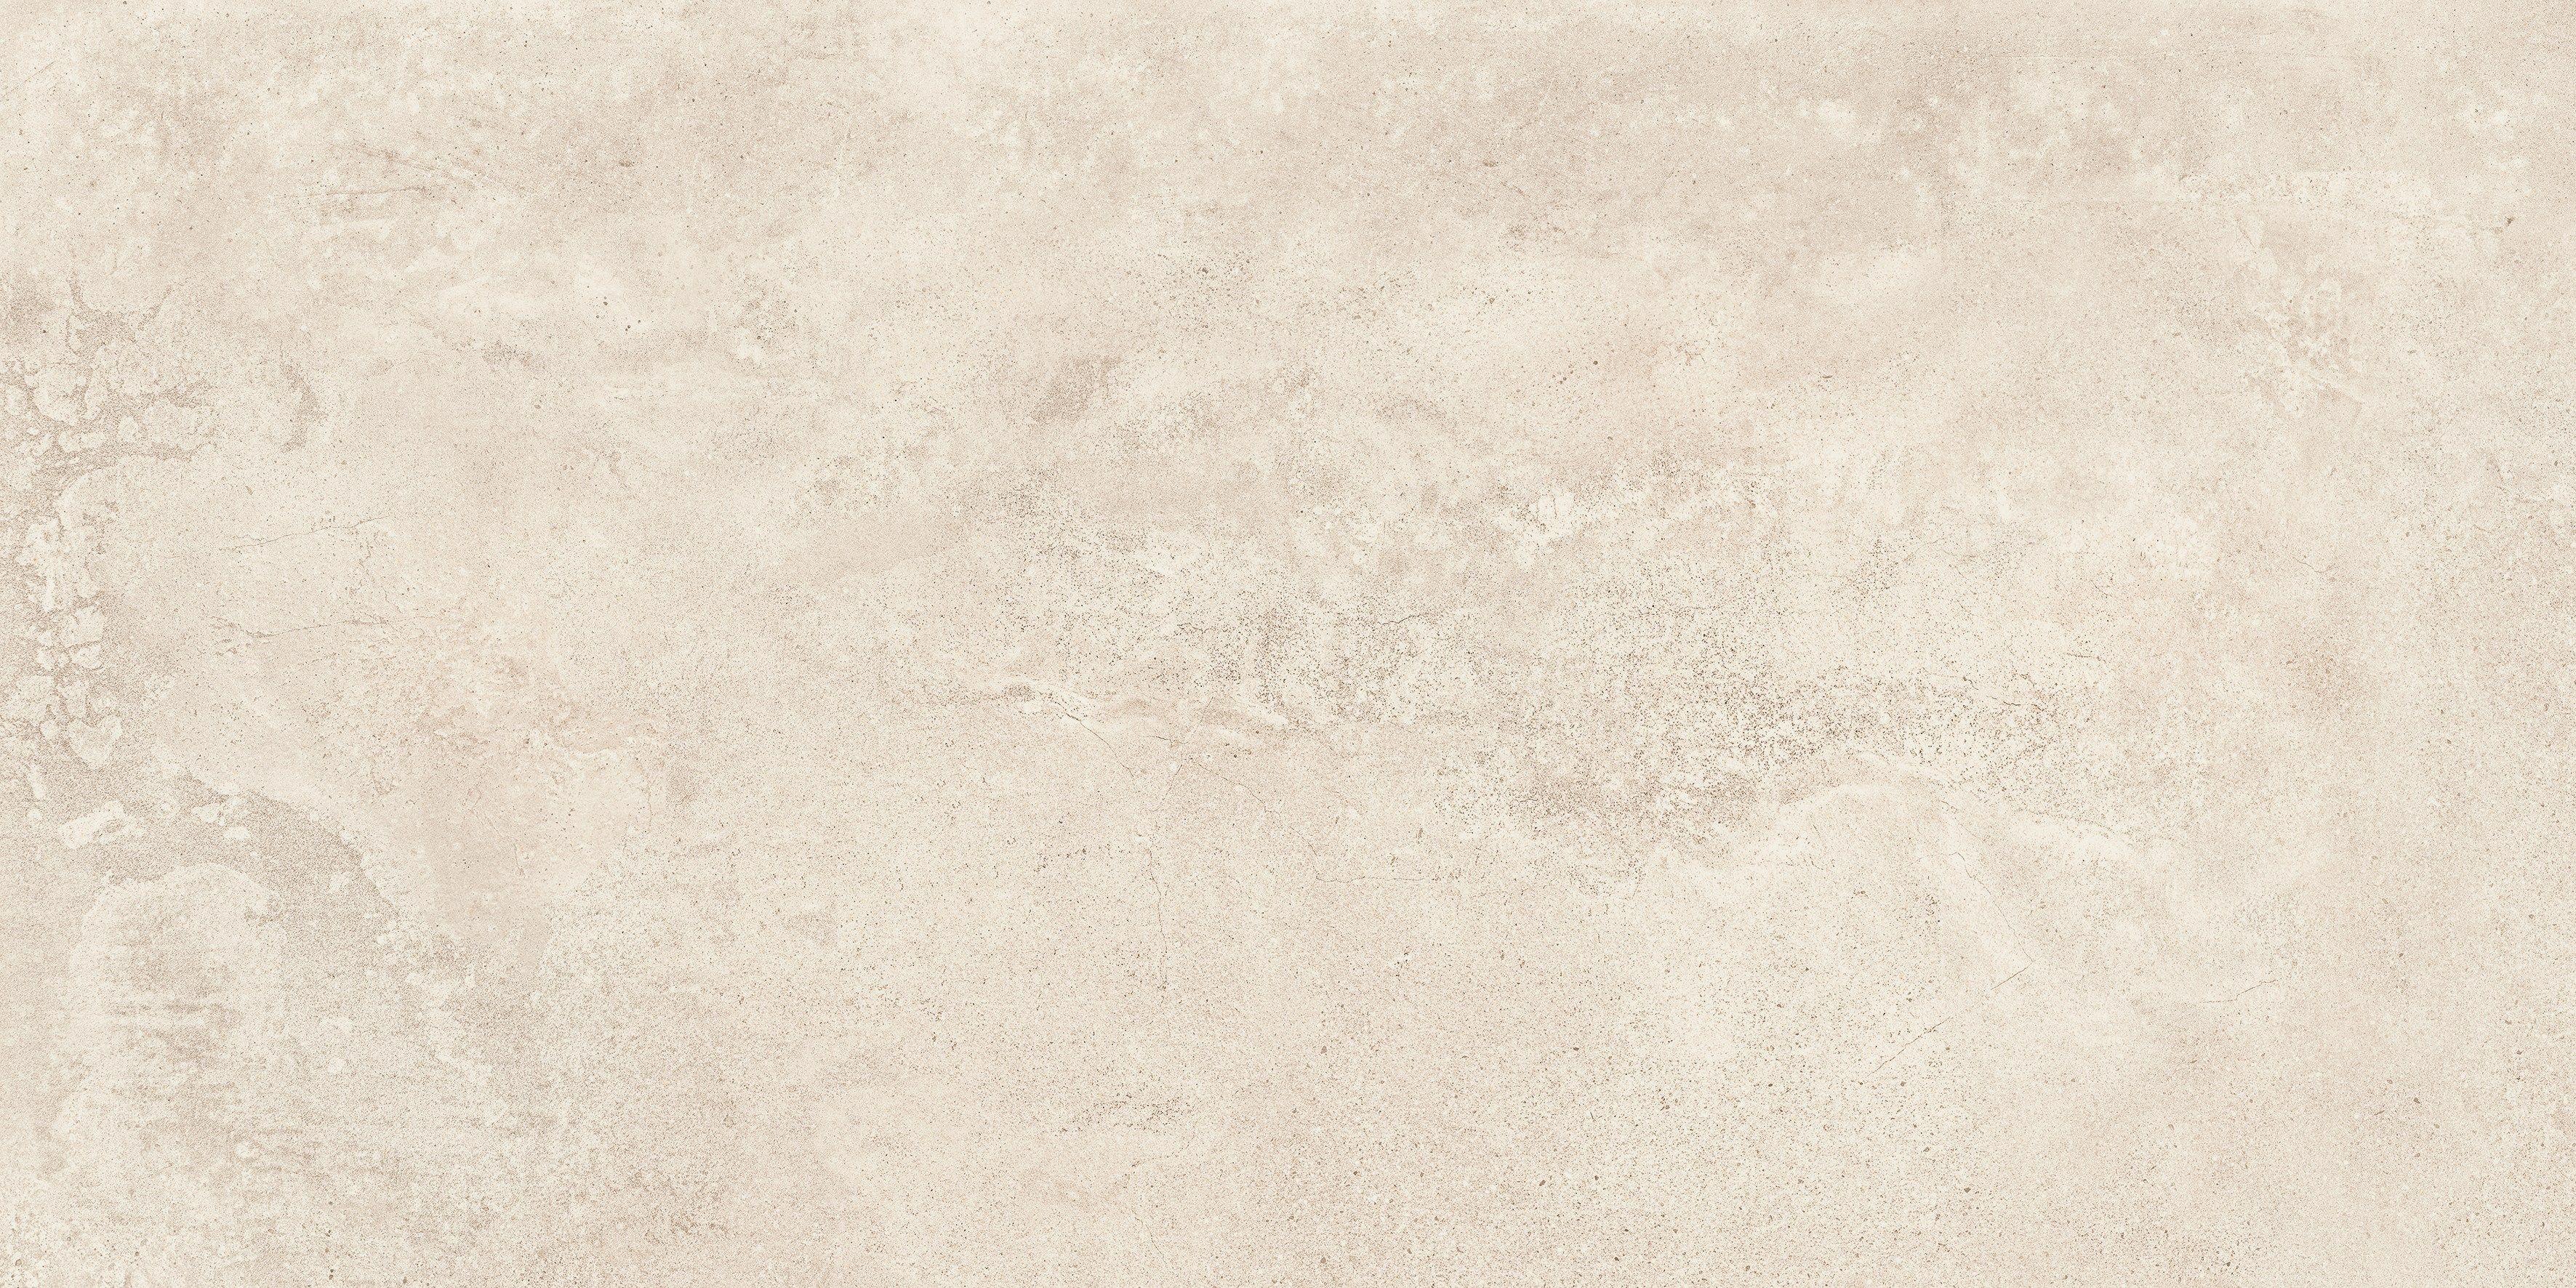 pavimento rivestimento in gres porcellanato urbanature 0 3. Black Bedroom Furniture Sets. Home Design Ideas